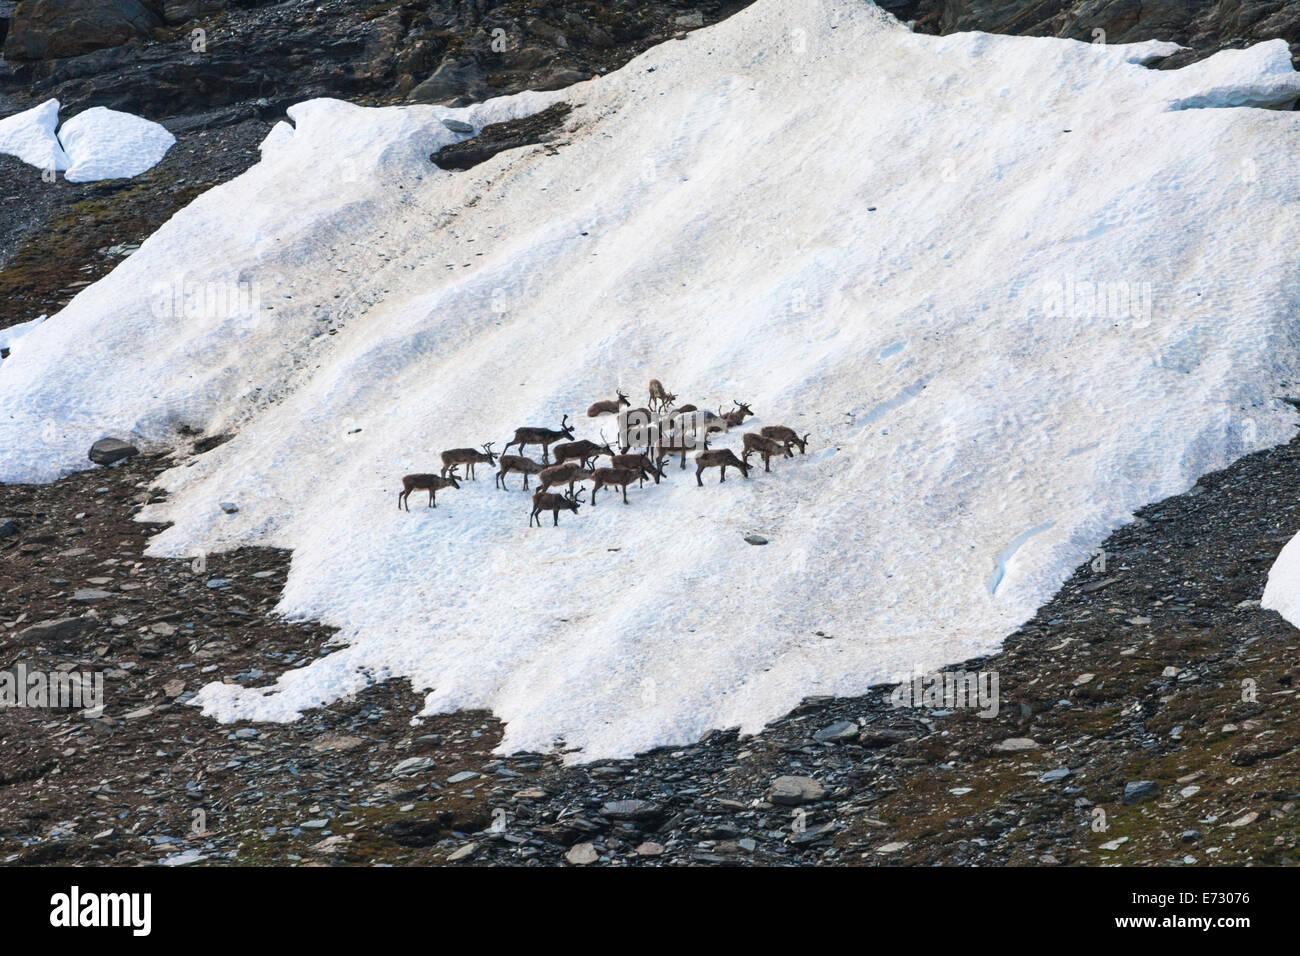 Rennes rassemblement sur une place de la neige en été, le long kungsleden en zone de montagne de Laponie Photo Stock